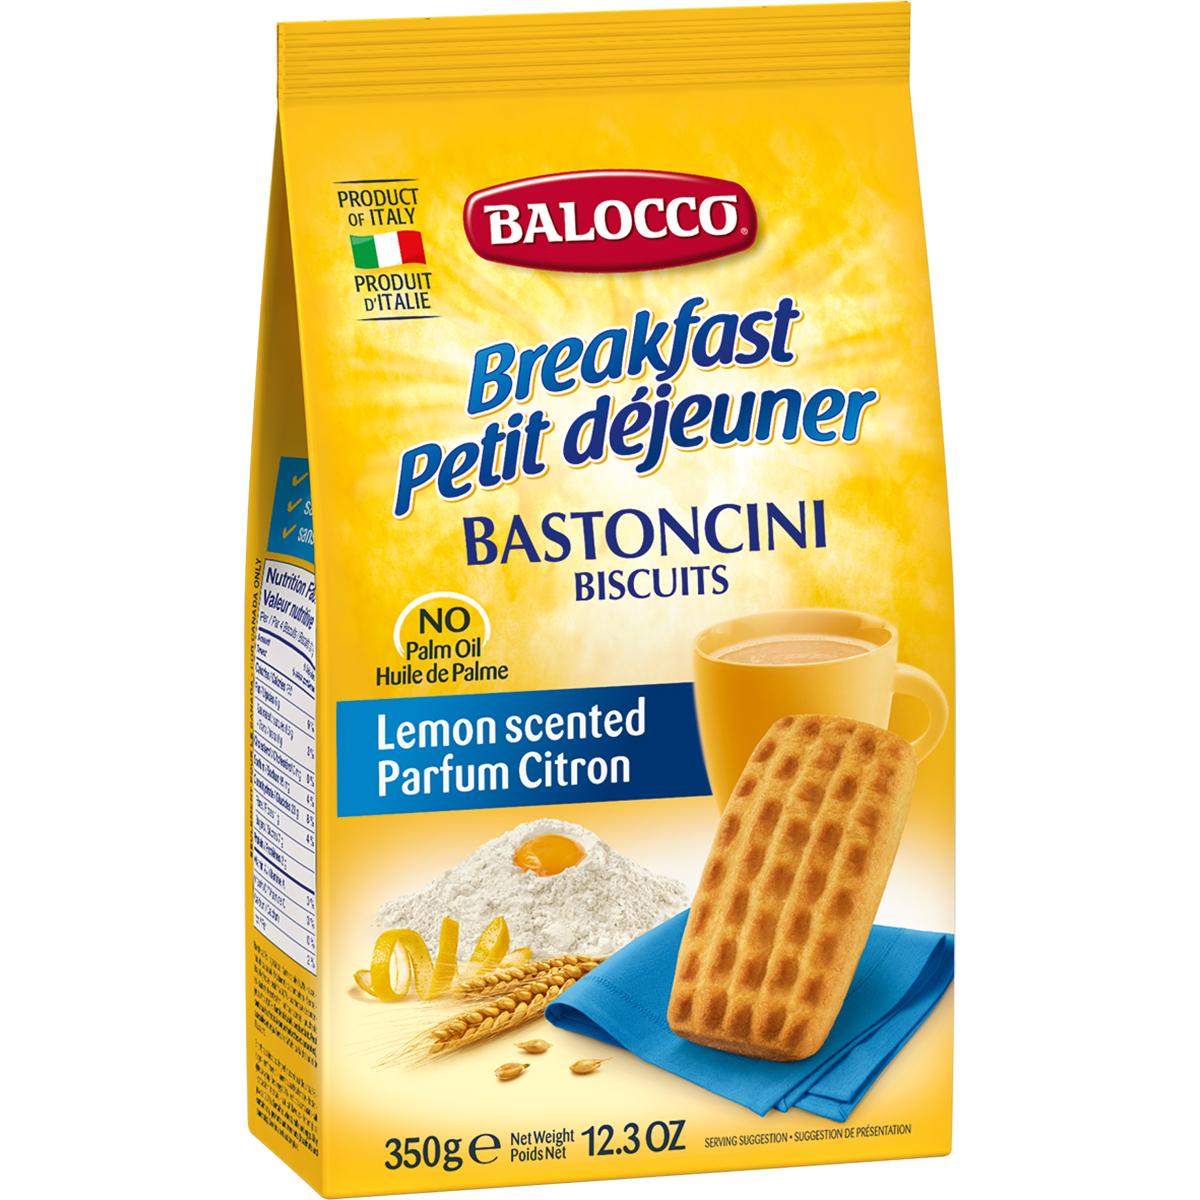 Biscuiti cu gust de lamaie Balocco Bastoncini, 350 g imagine